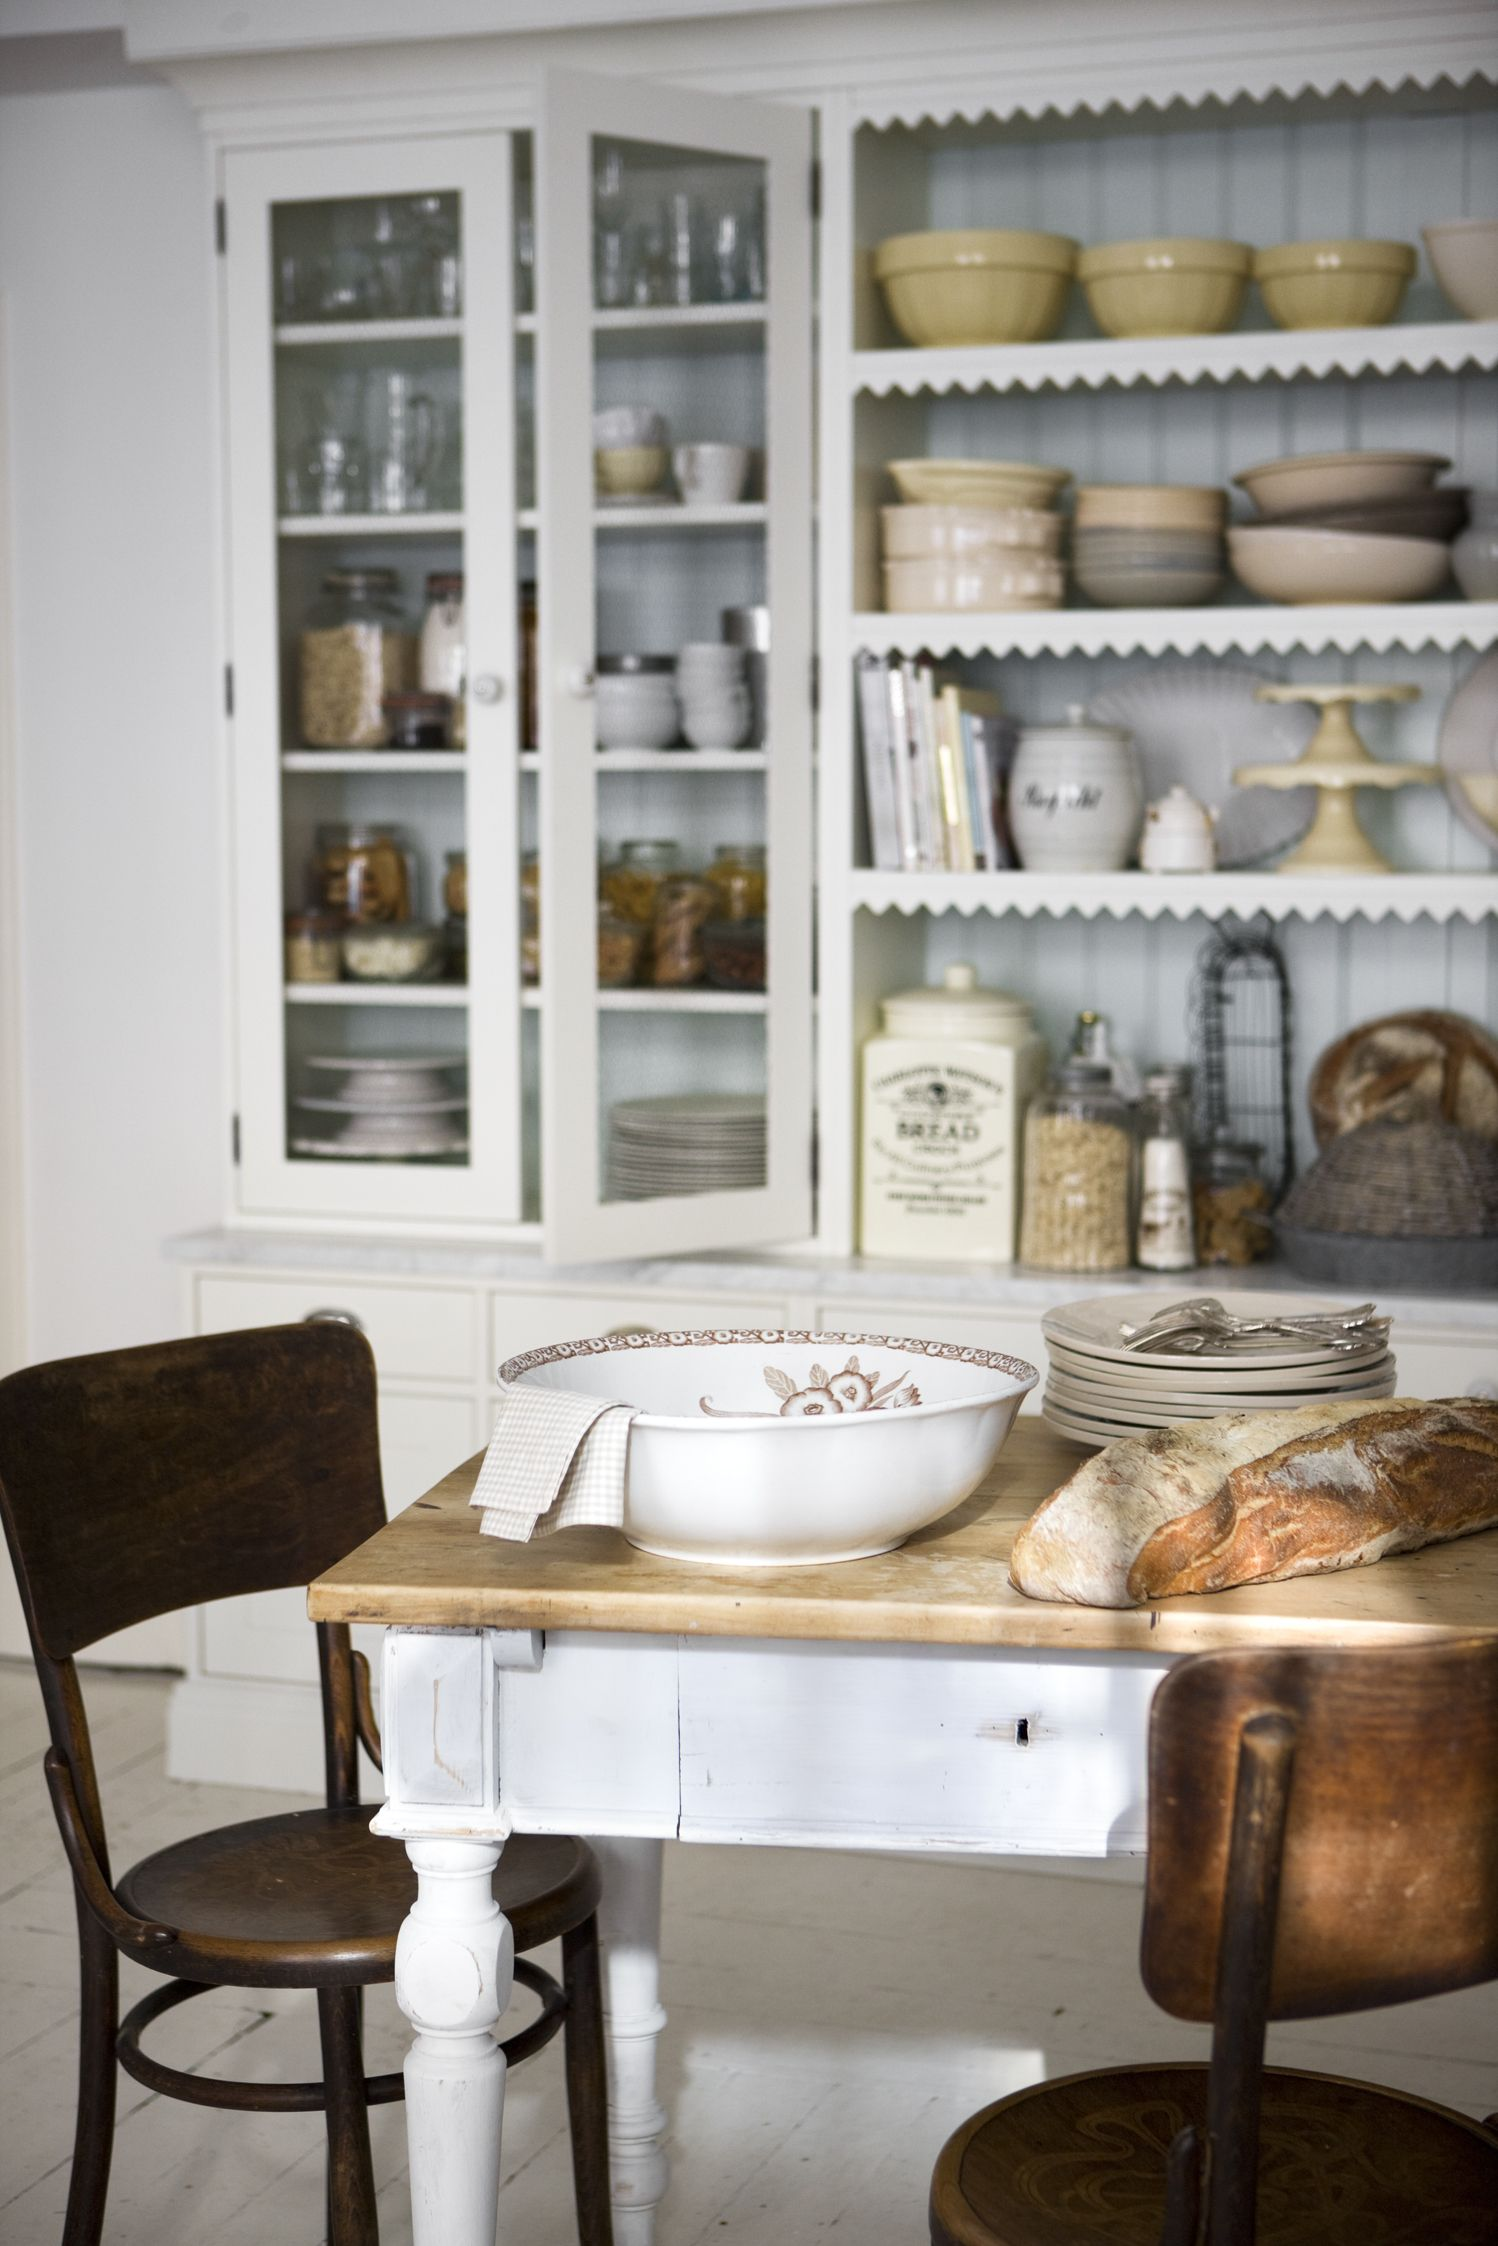 Weiß gelbe küchenideen pin von jaime hatcher auf home decor kitchen  pinterest